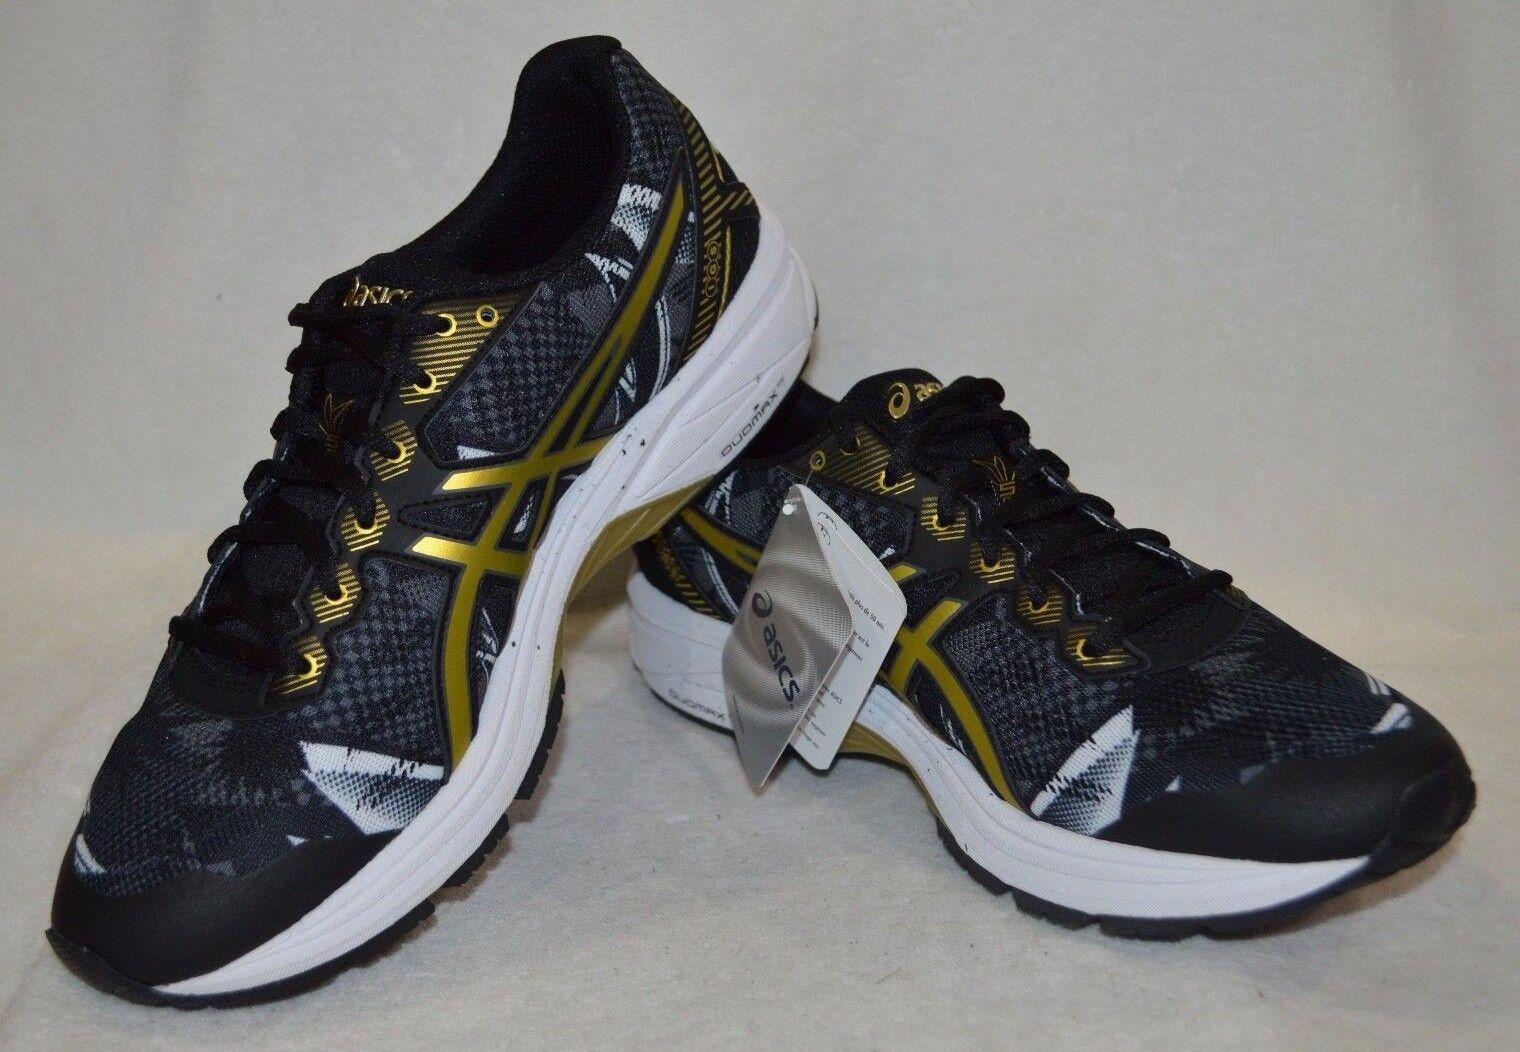 Le gt-1000 5 gr nero nero gr / oro uomini ricchi scarpe da corsa t6b2n - numero 9 / 10 nwb 45a94c